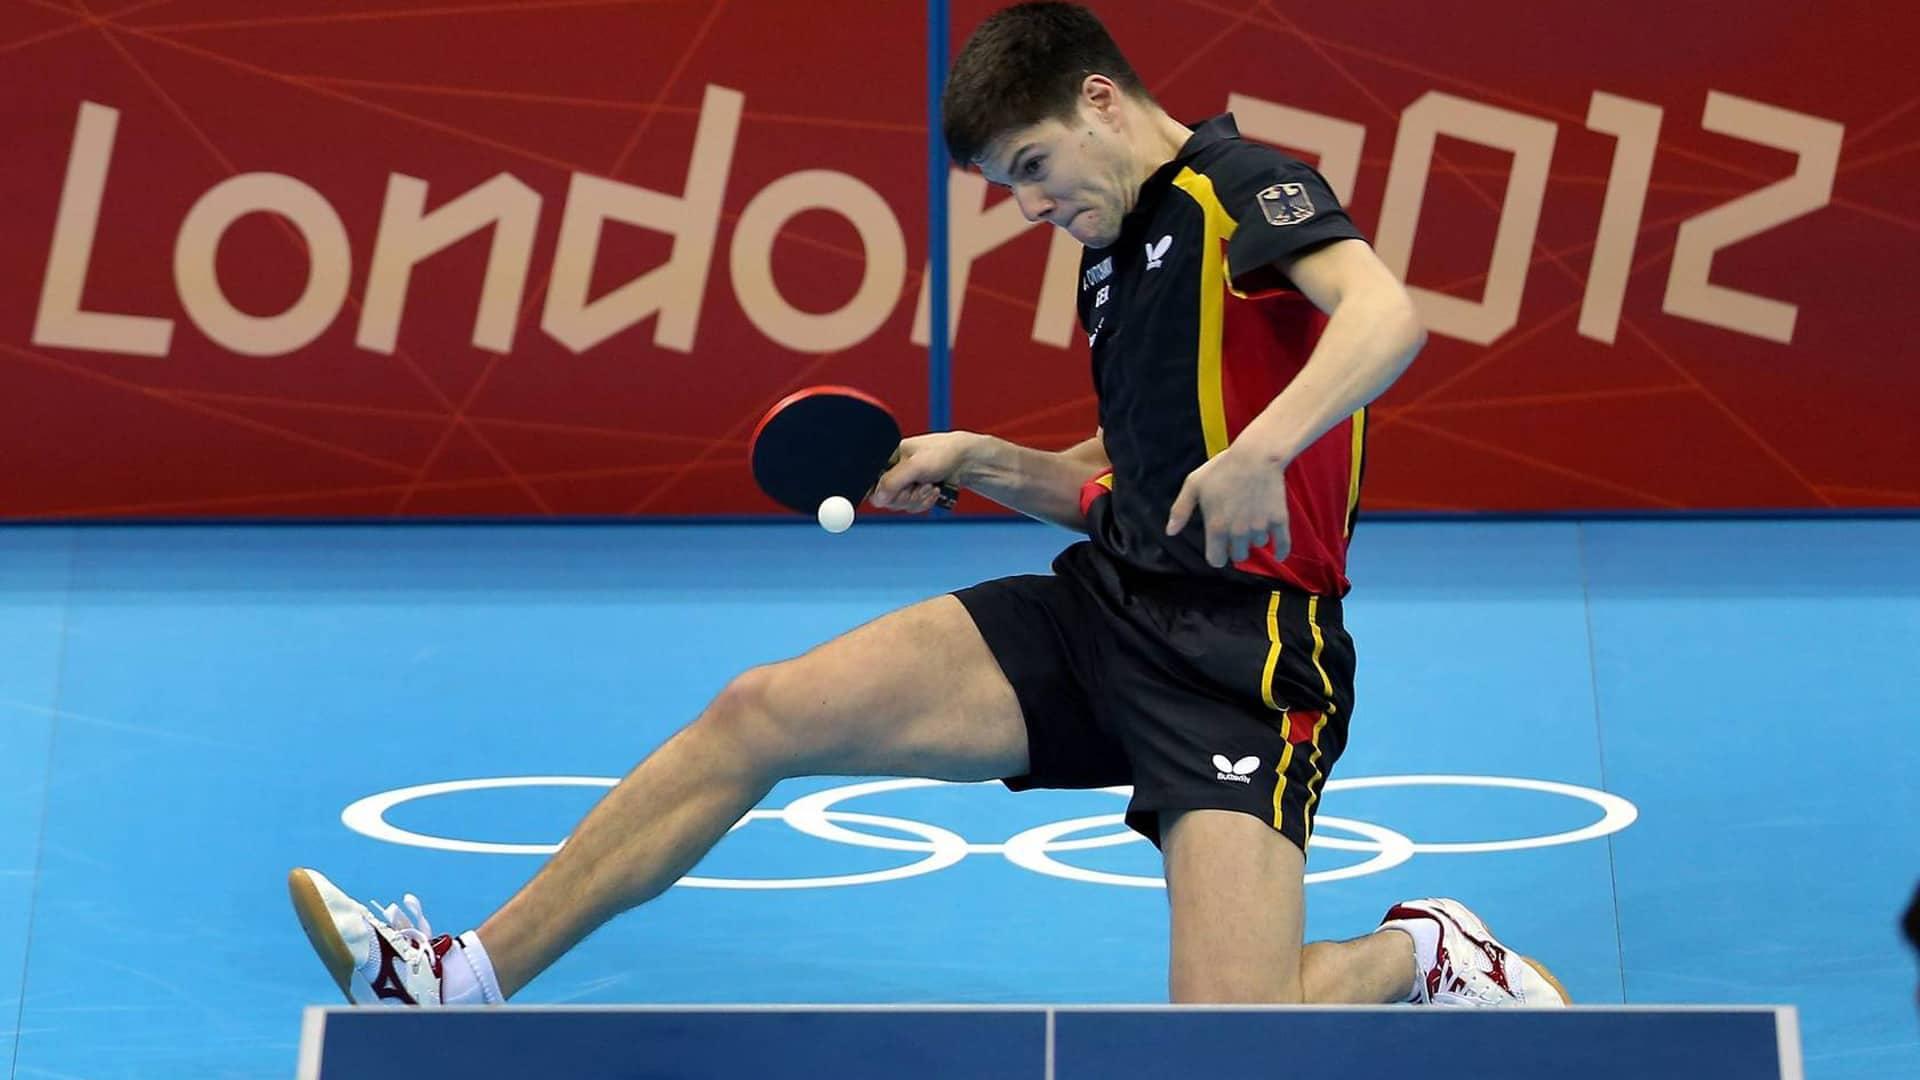 Dónde ver el ping pong en las Olimpiadas 2020: TV, historia y calendario 2021